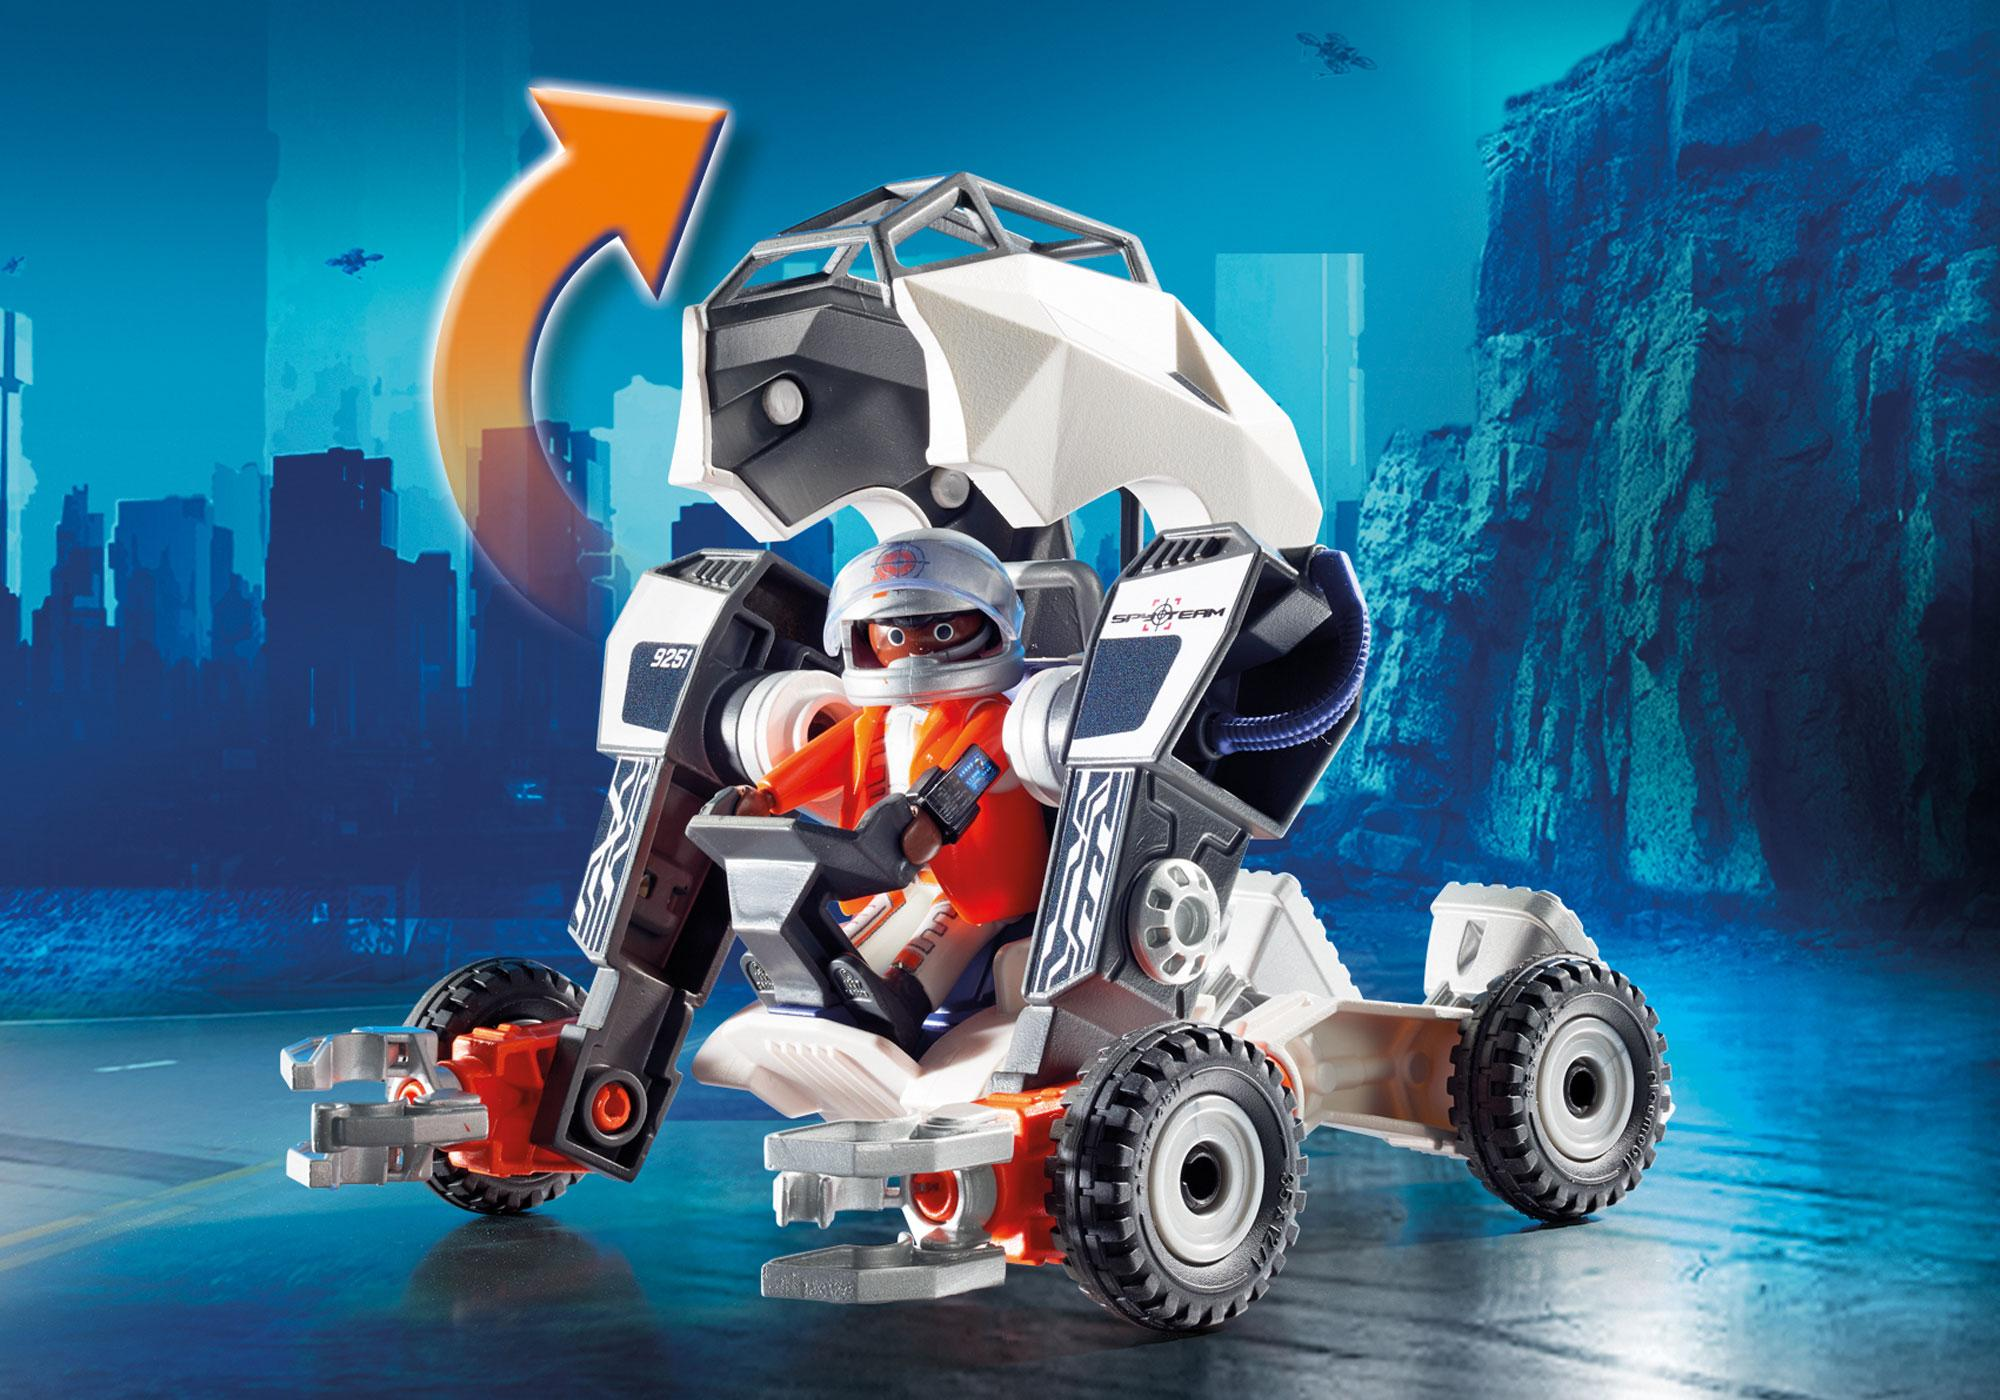 http://media.playmobil.com/i/playmobil/9251_product_extra1/Chef de la Spy Team avec Robot Mech